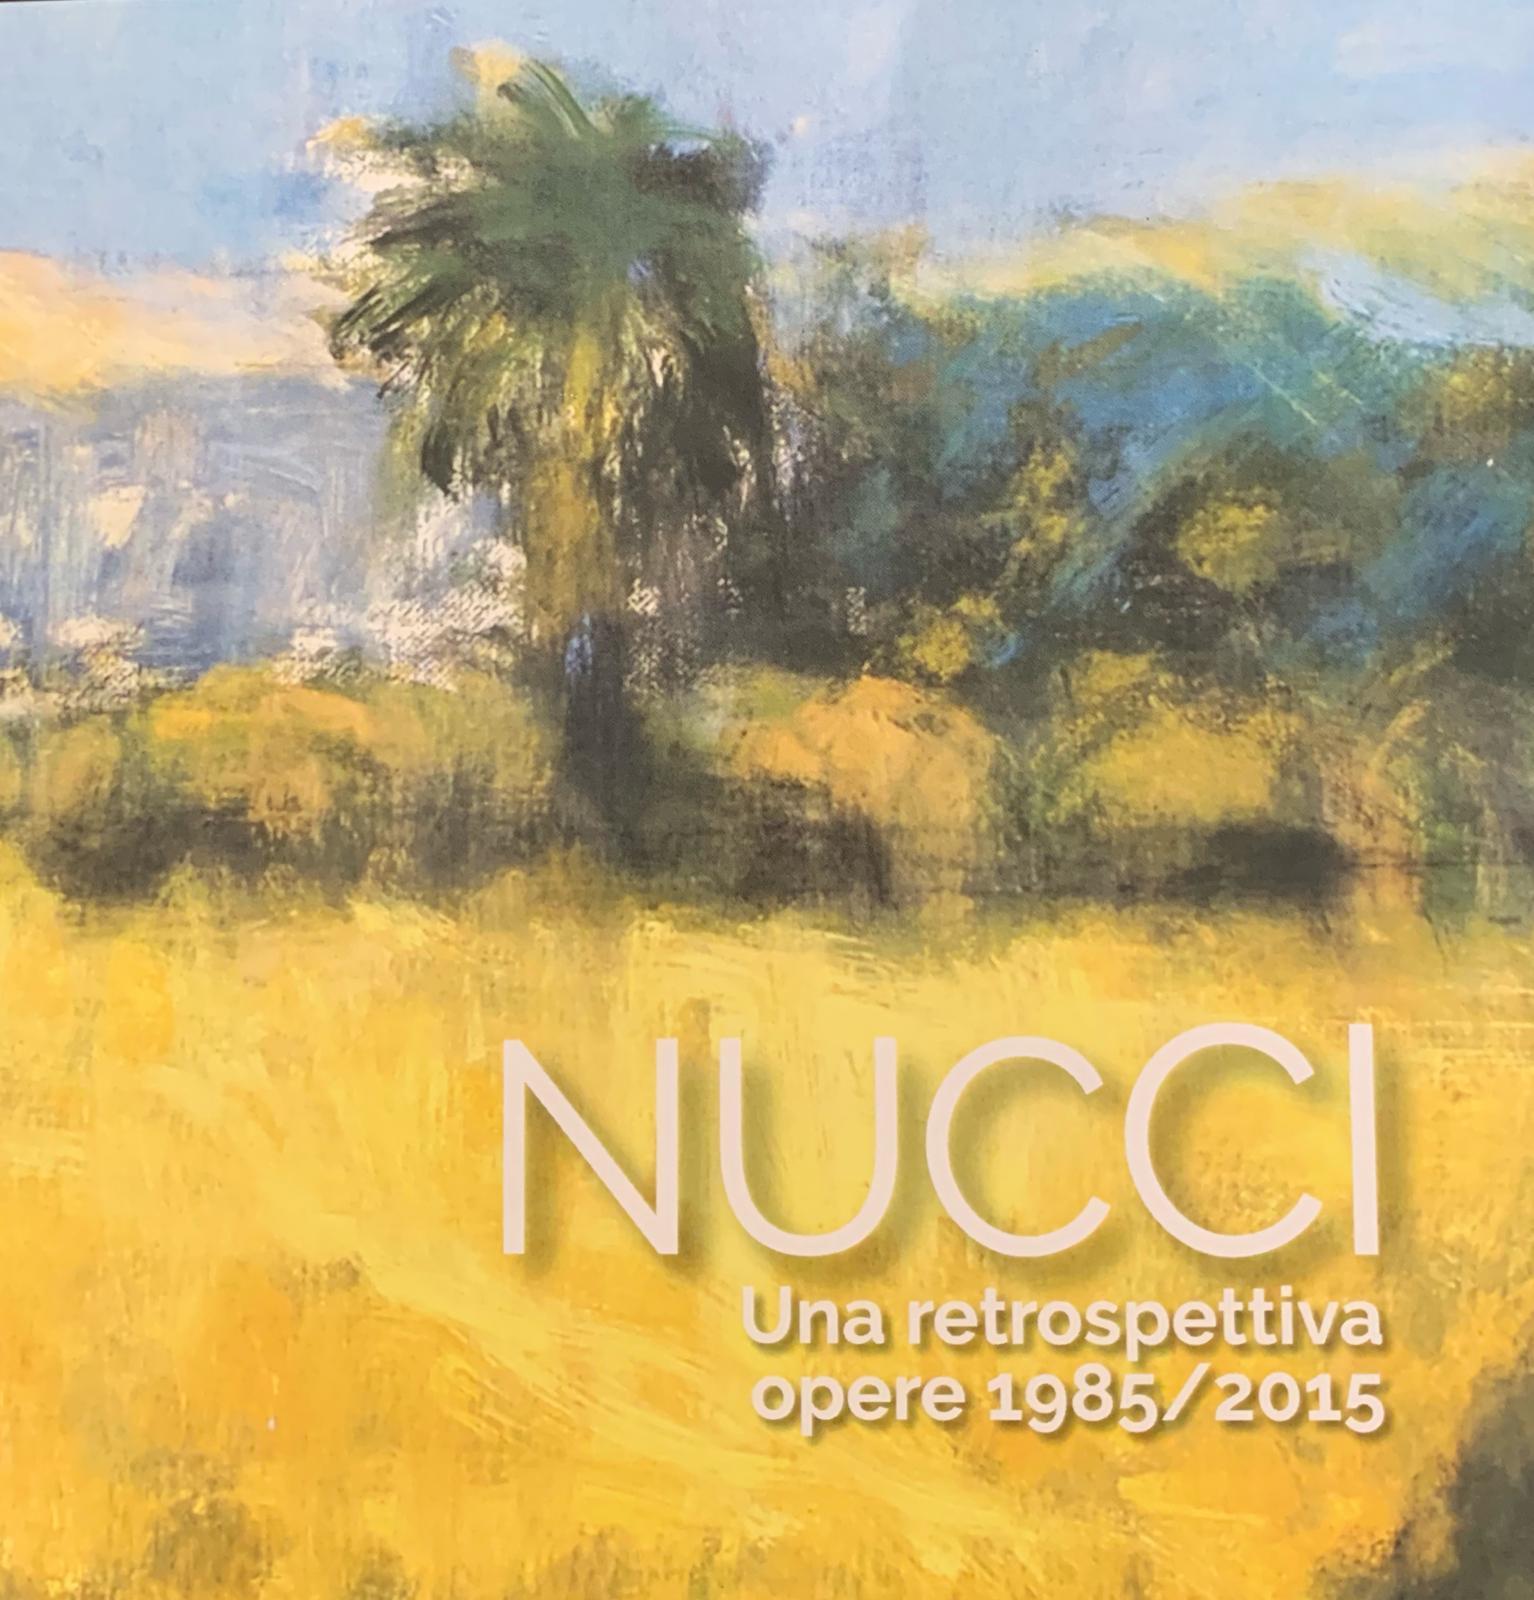 Nucci, una retrospettiva : alla Casa Museo Scaglione di Sciacca in mostra le opere dell artista saccense